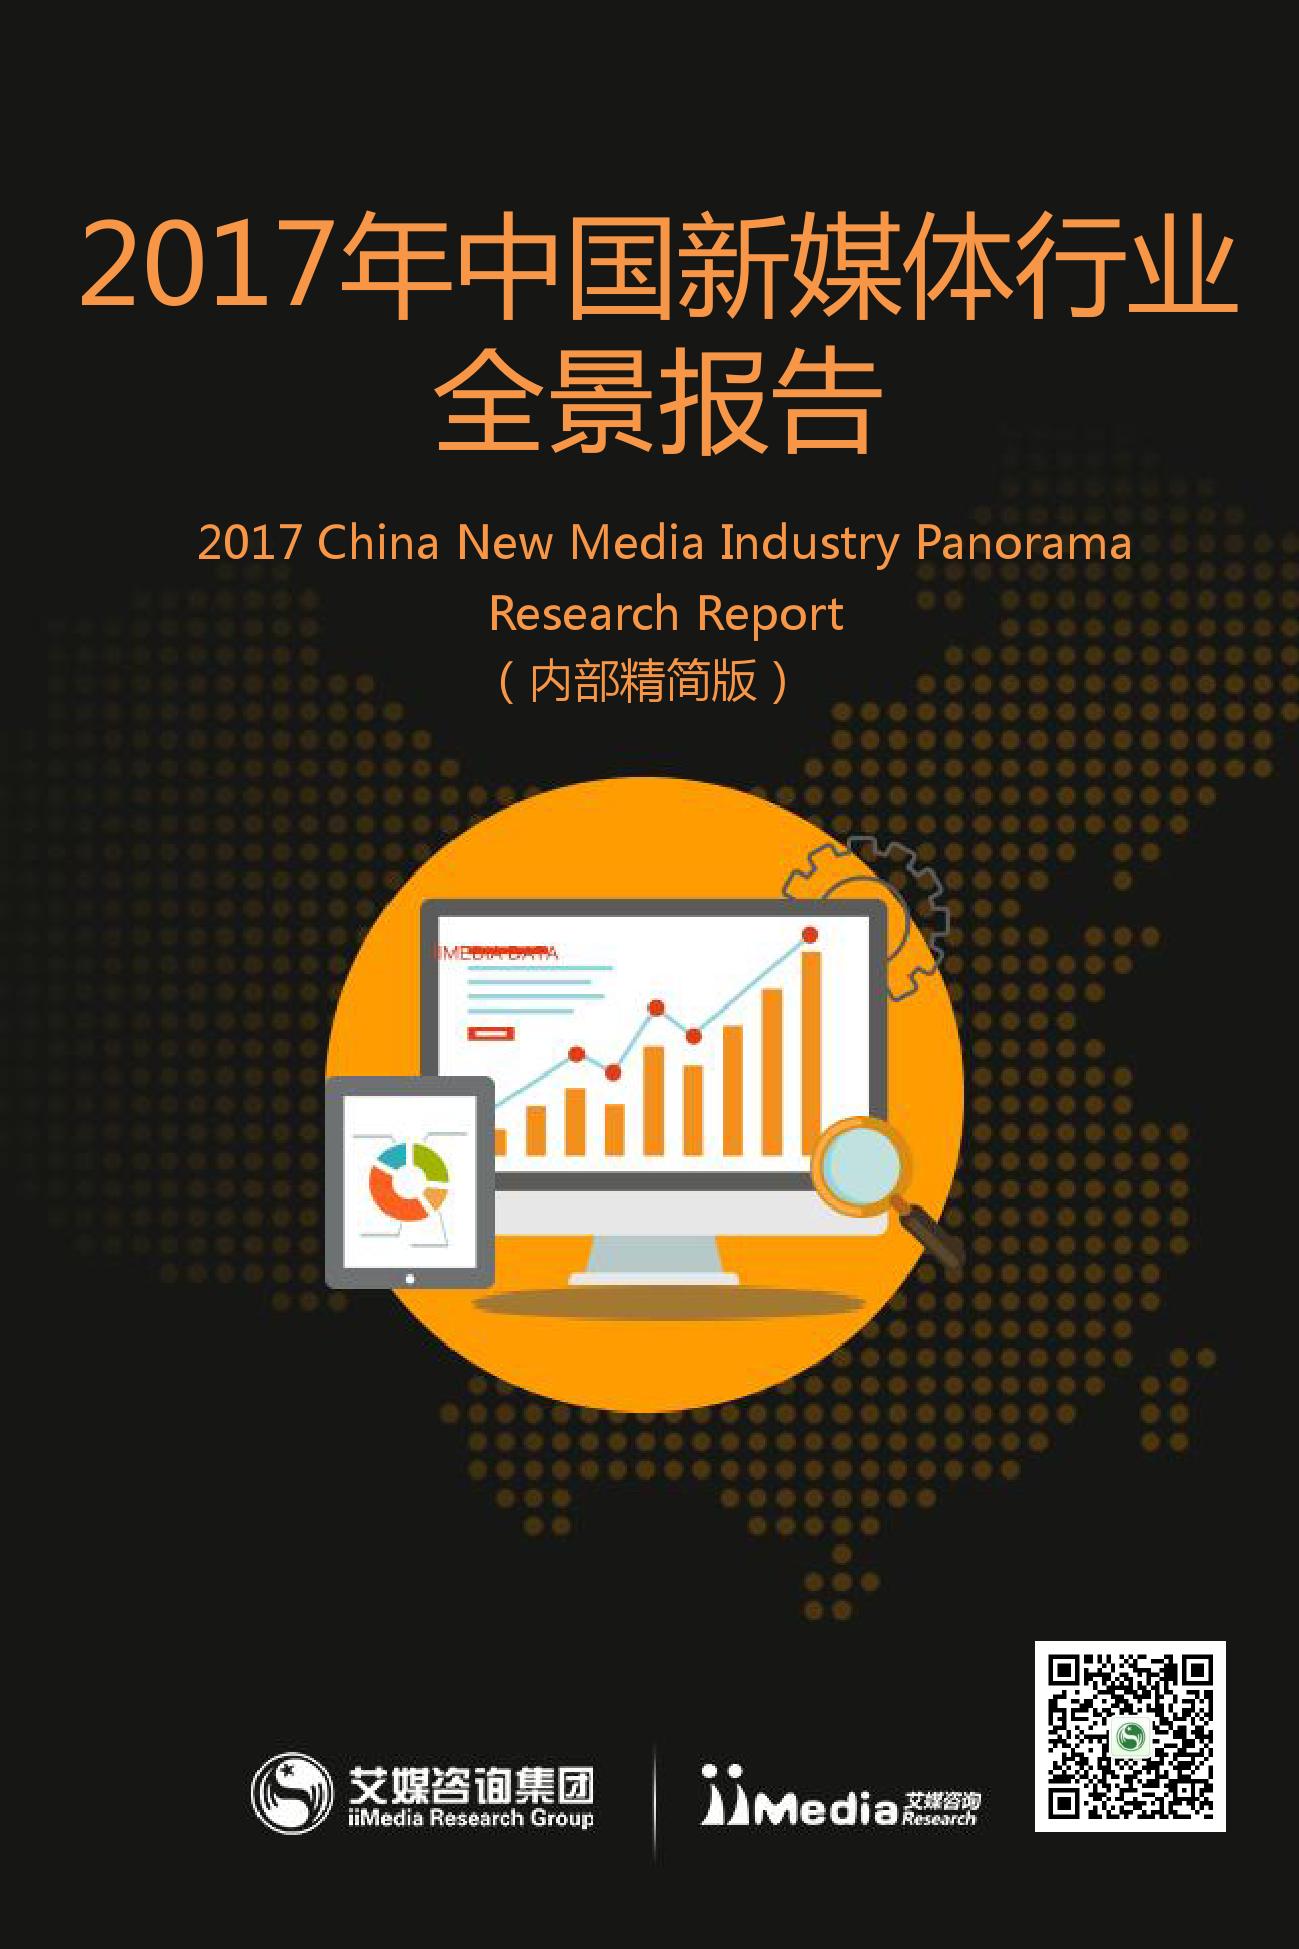 艾媒咨询:2017年中国新媒体行业全景报告